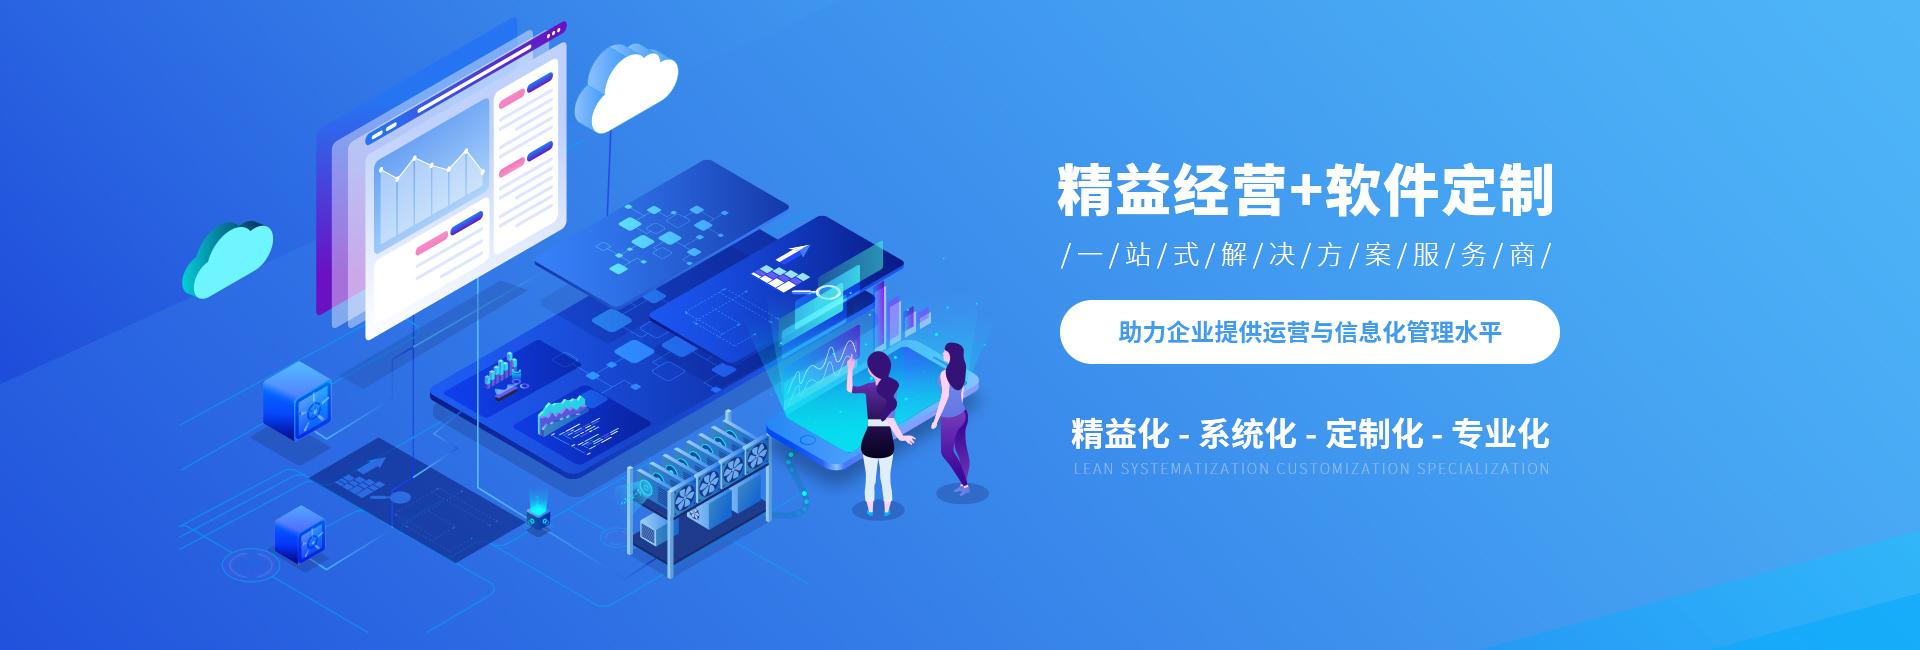 重庆精益管理软件开发